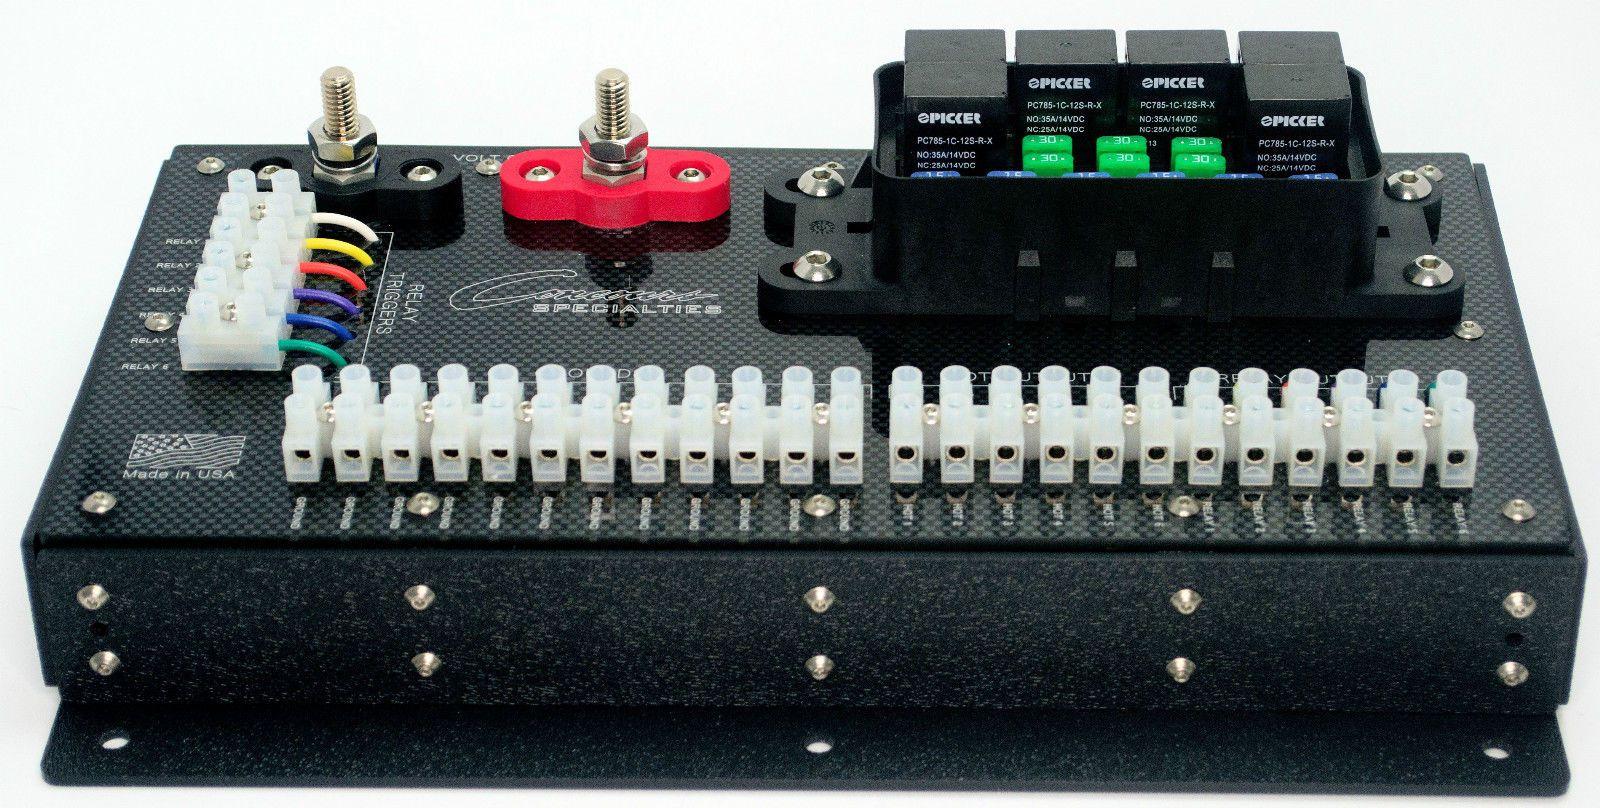 waterproof heavy duty relay fuse center 270 amps block box off road boat utv ebay [ 1600 x 808 Pixel ]